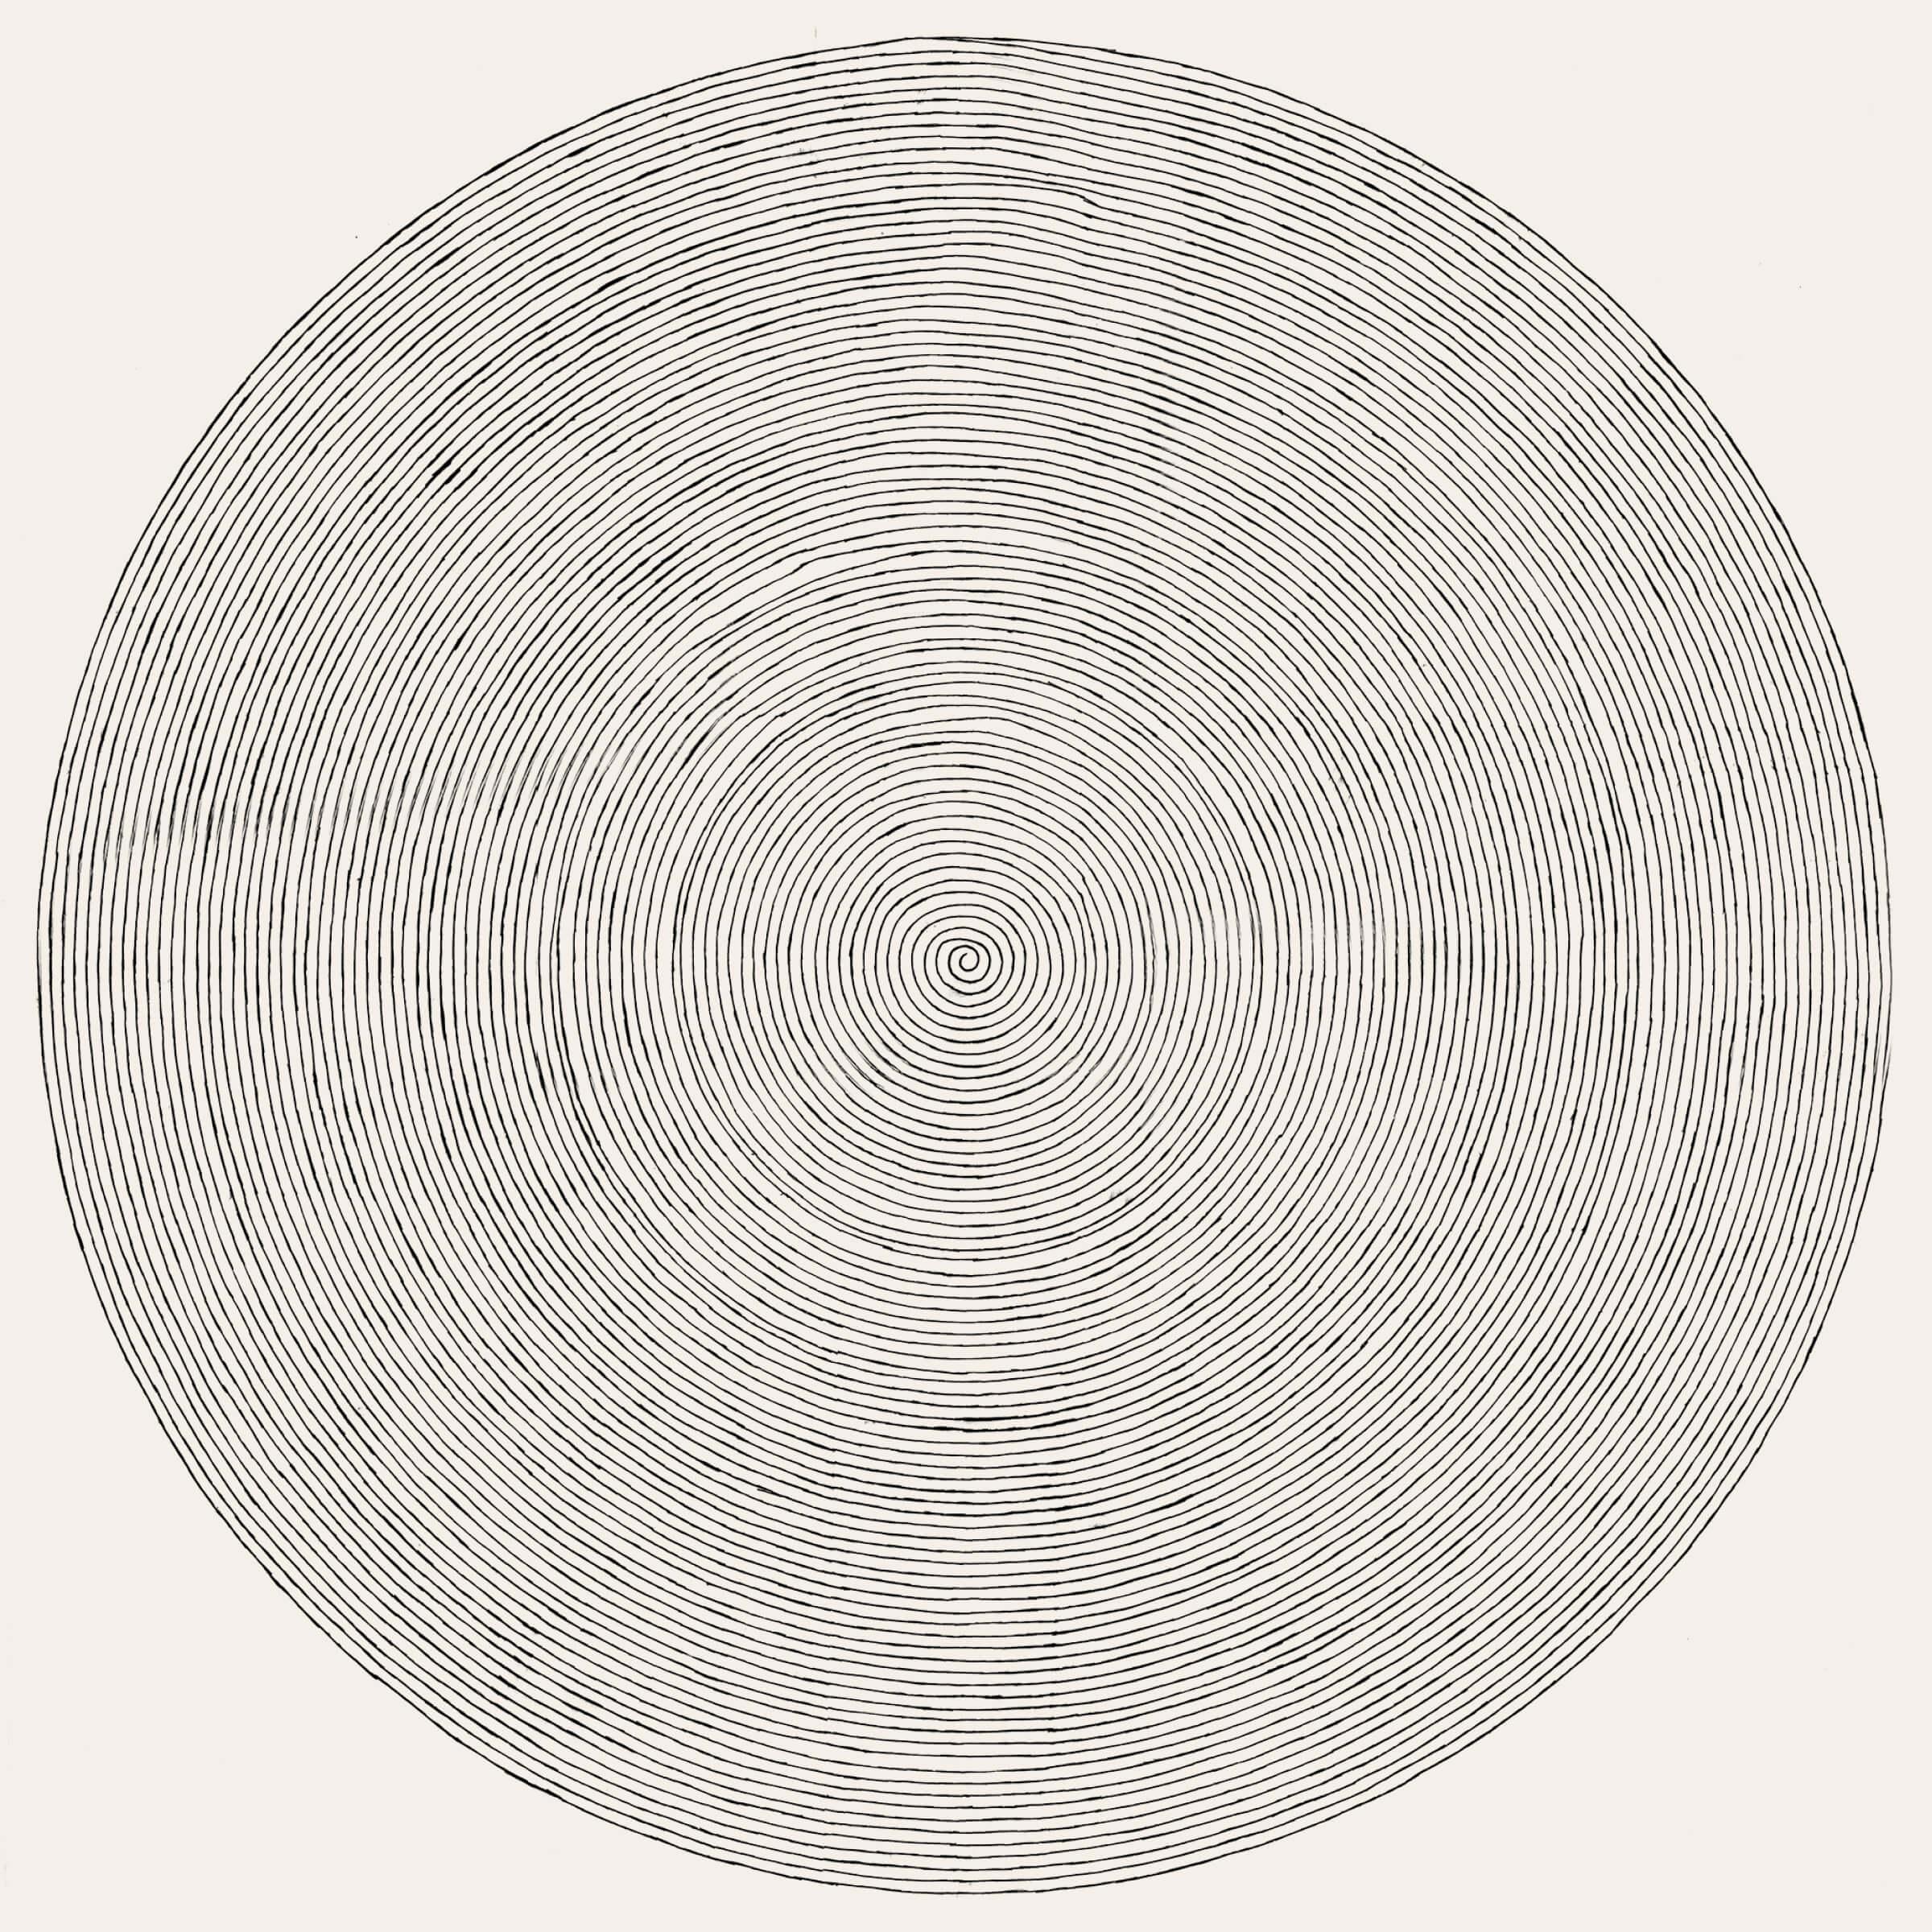 hermes-window-spring18-sketch-1b